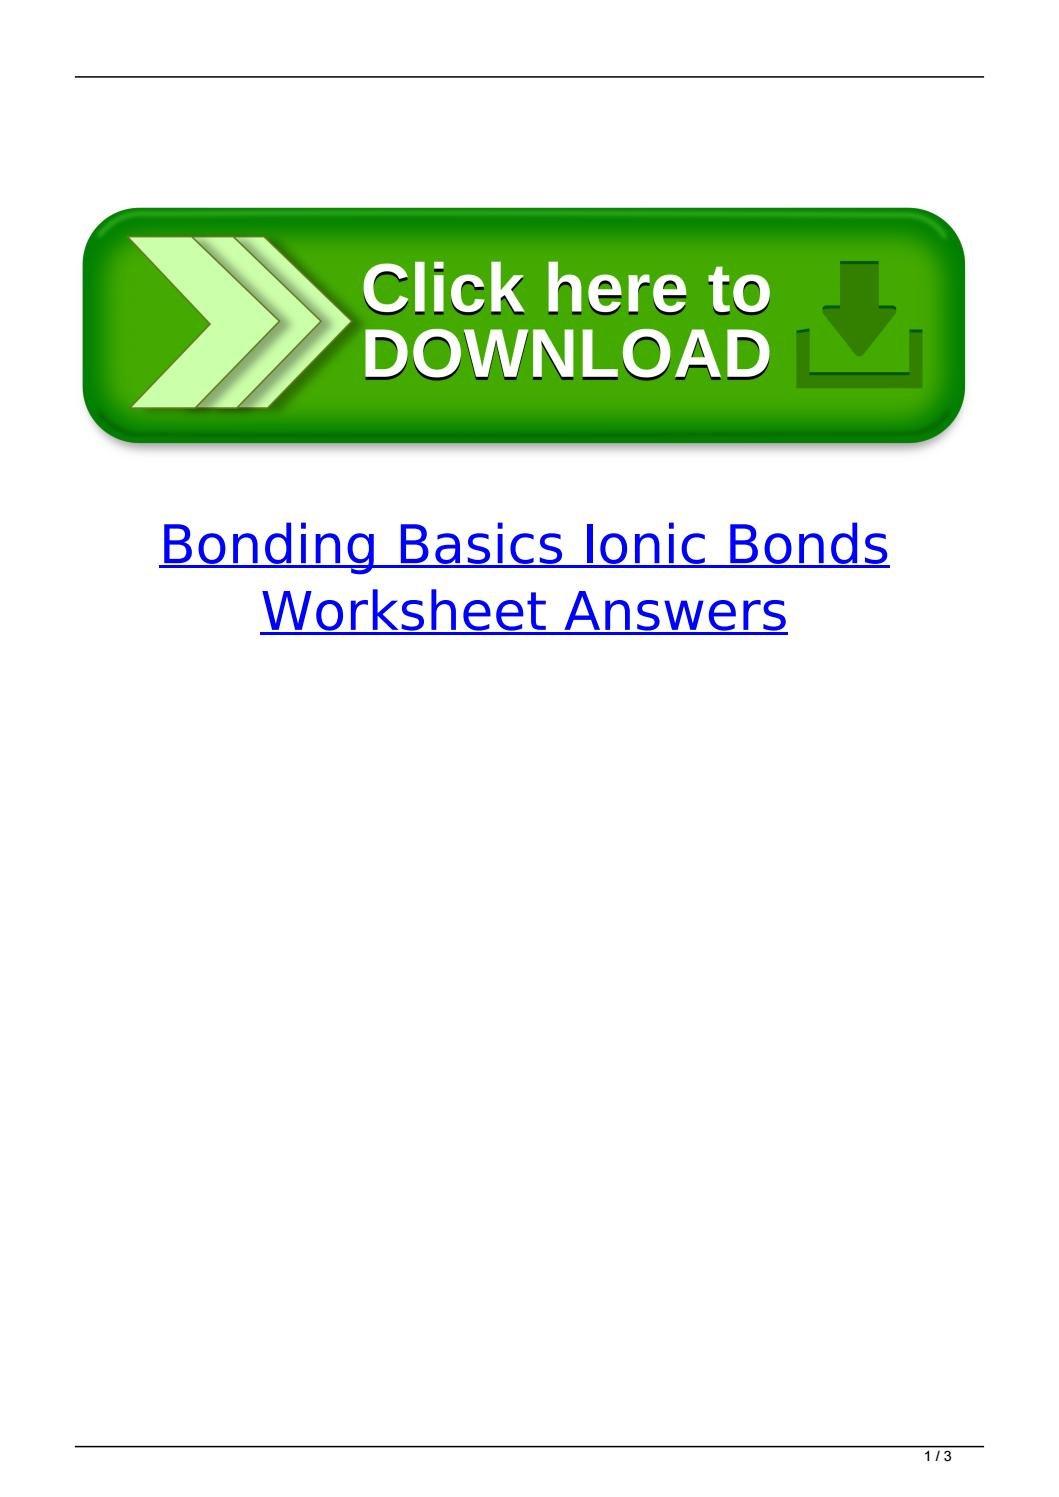 Bonding Basics Ionic Bonds Worksheet Answers Math Worksheets Also Bonding Basics Ionic Bonds Worksheet Answers